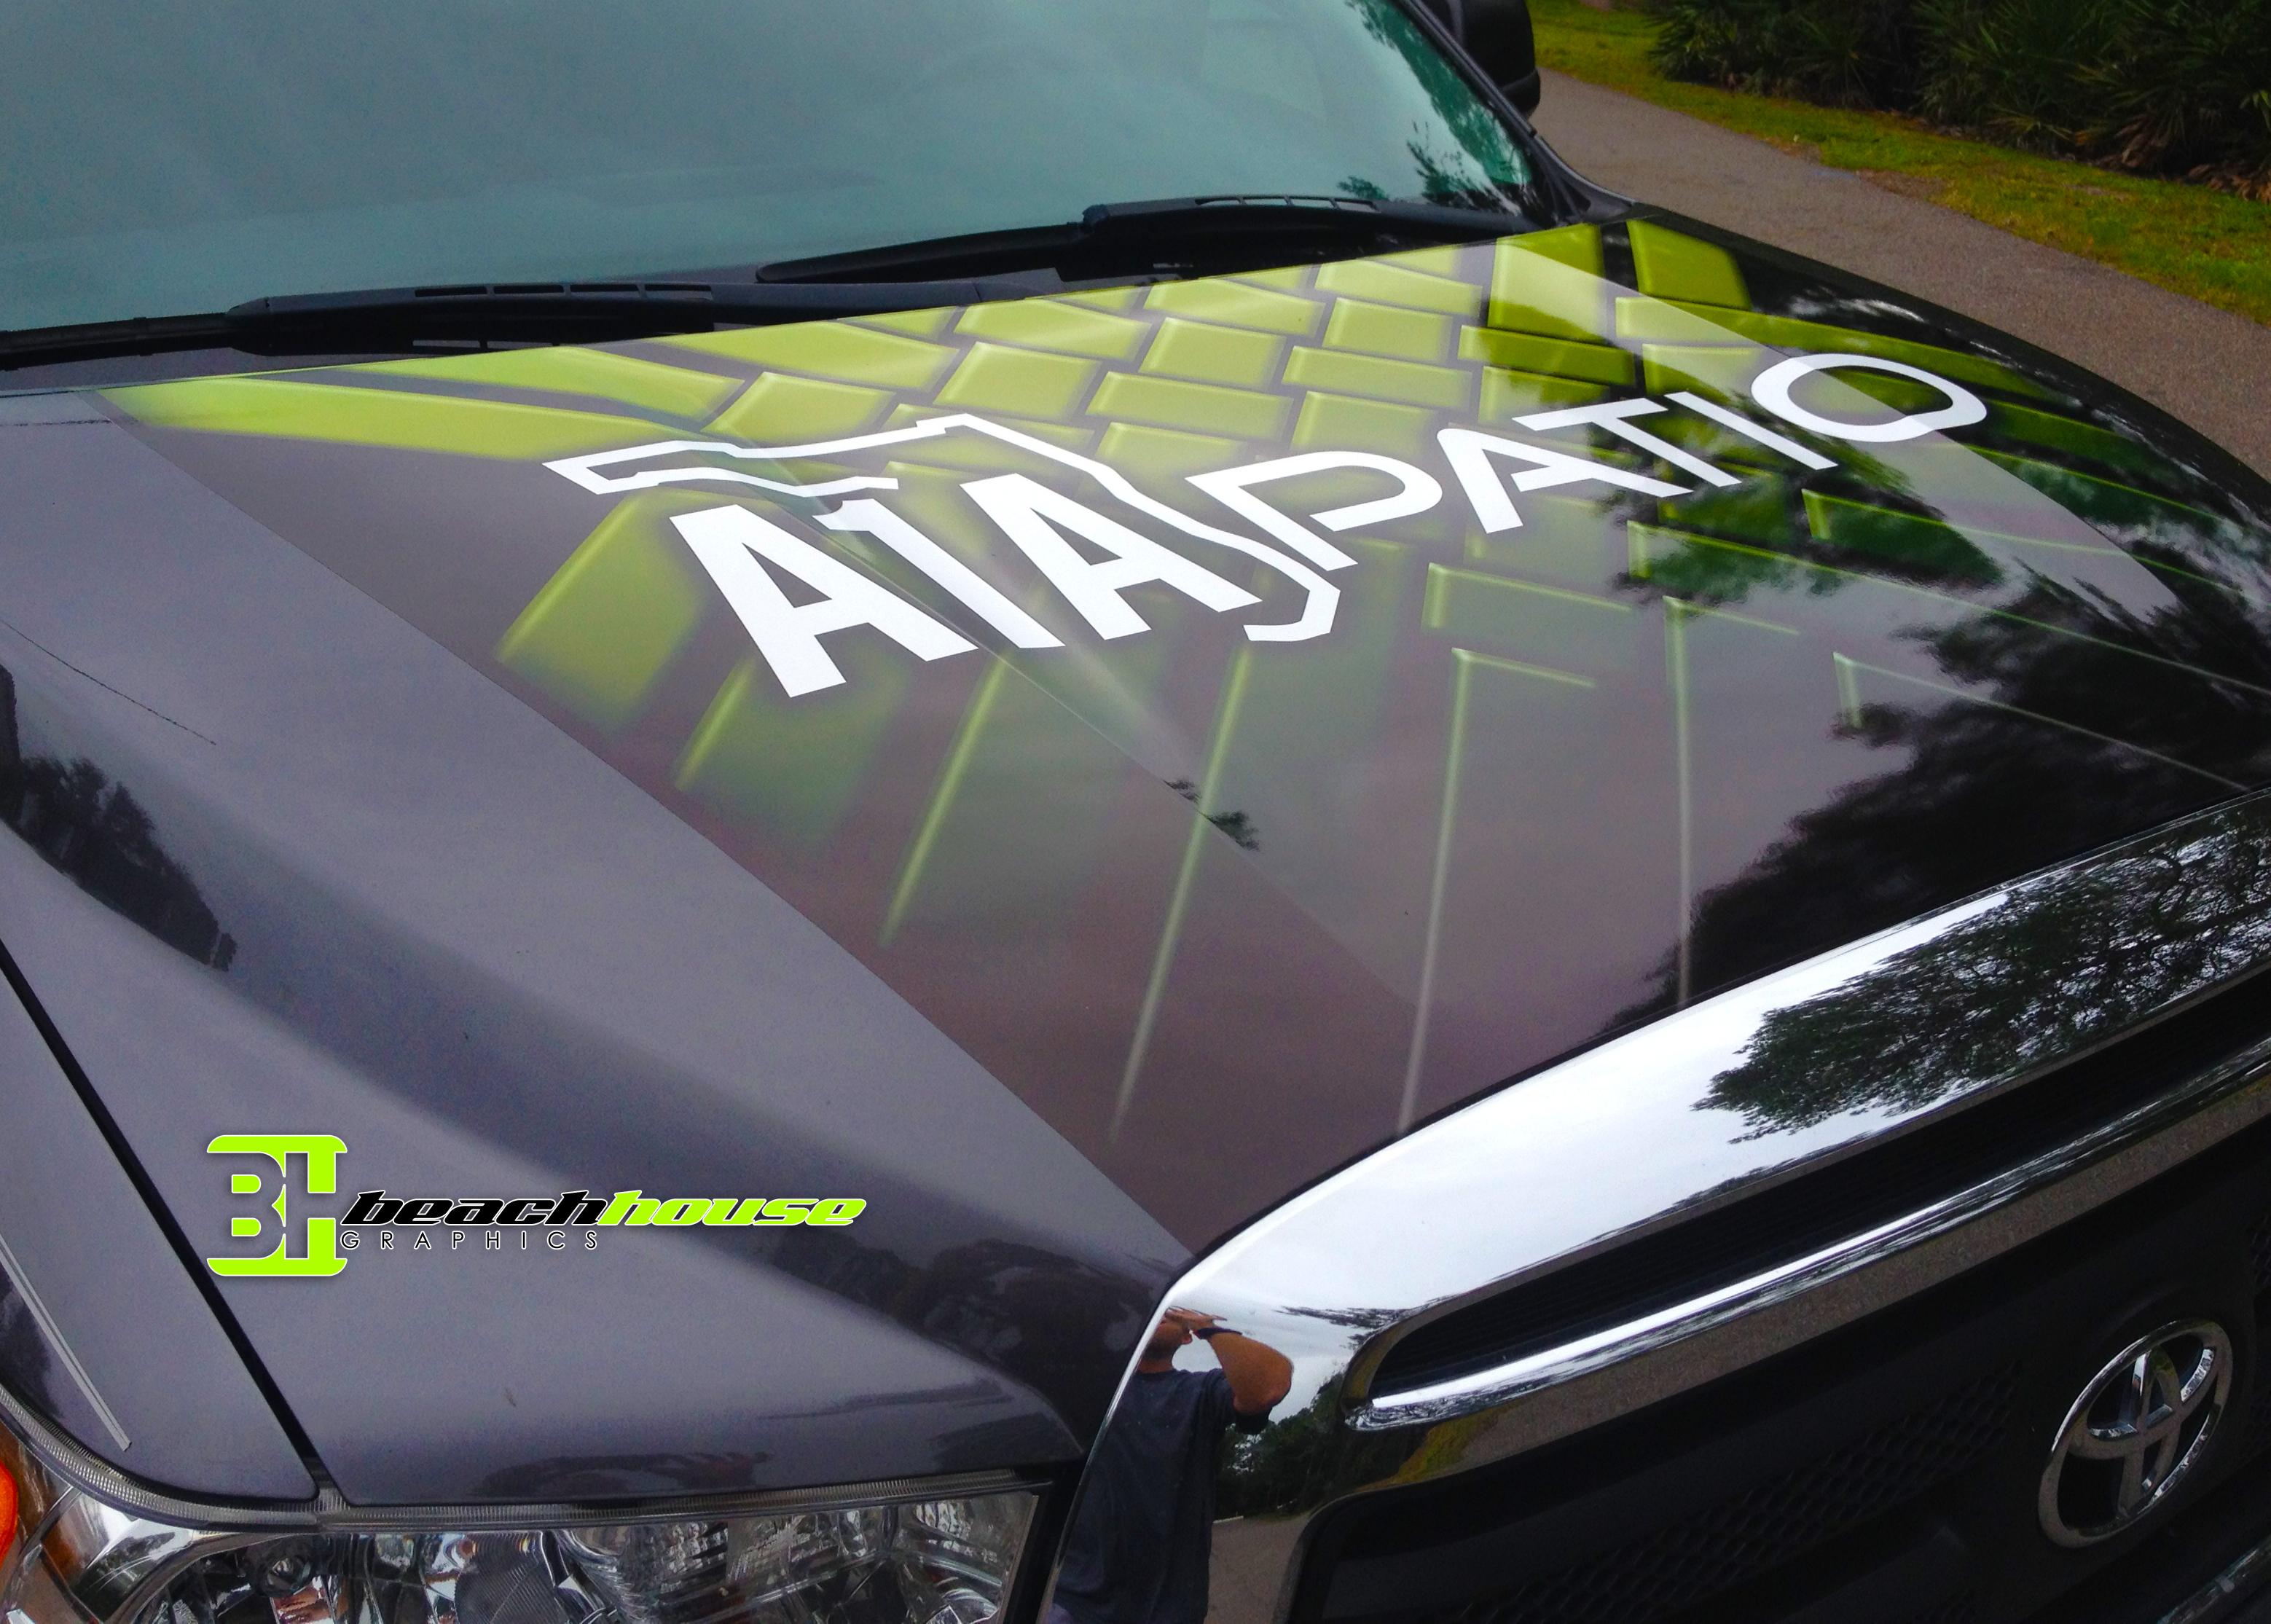 Vehicle Wraps Quote 386 256 0998